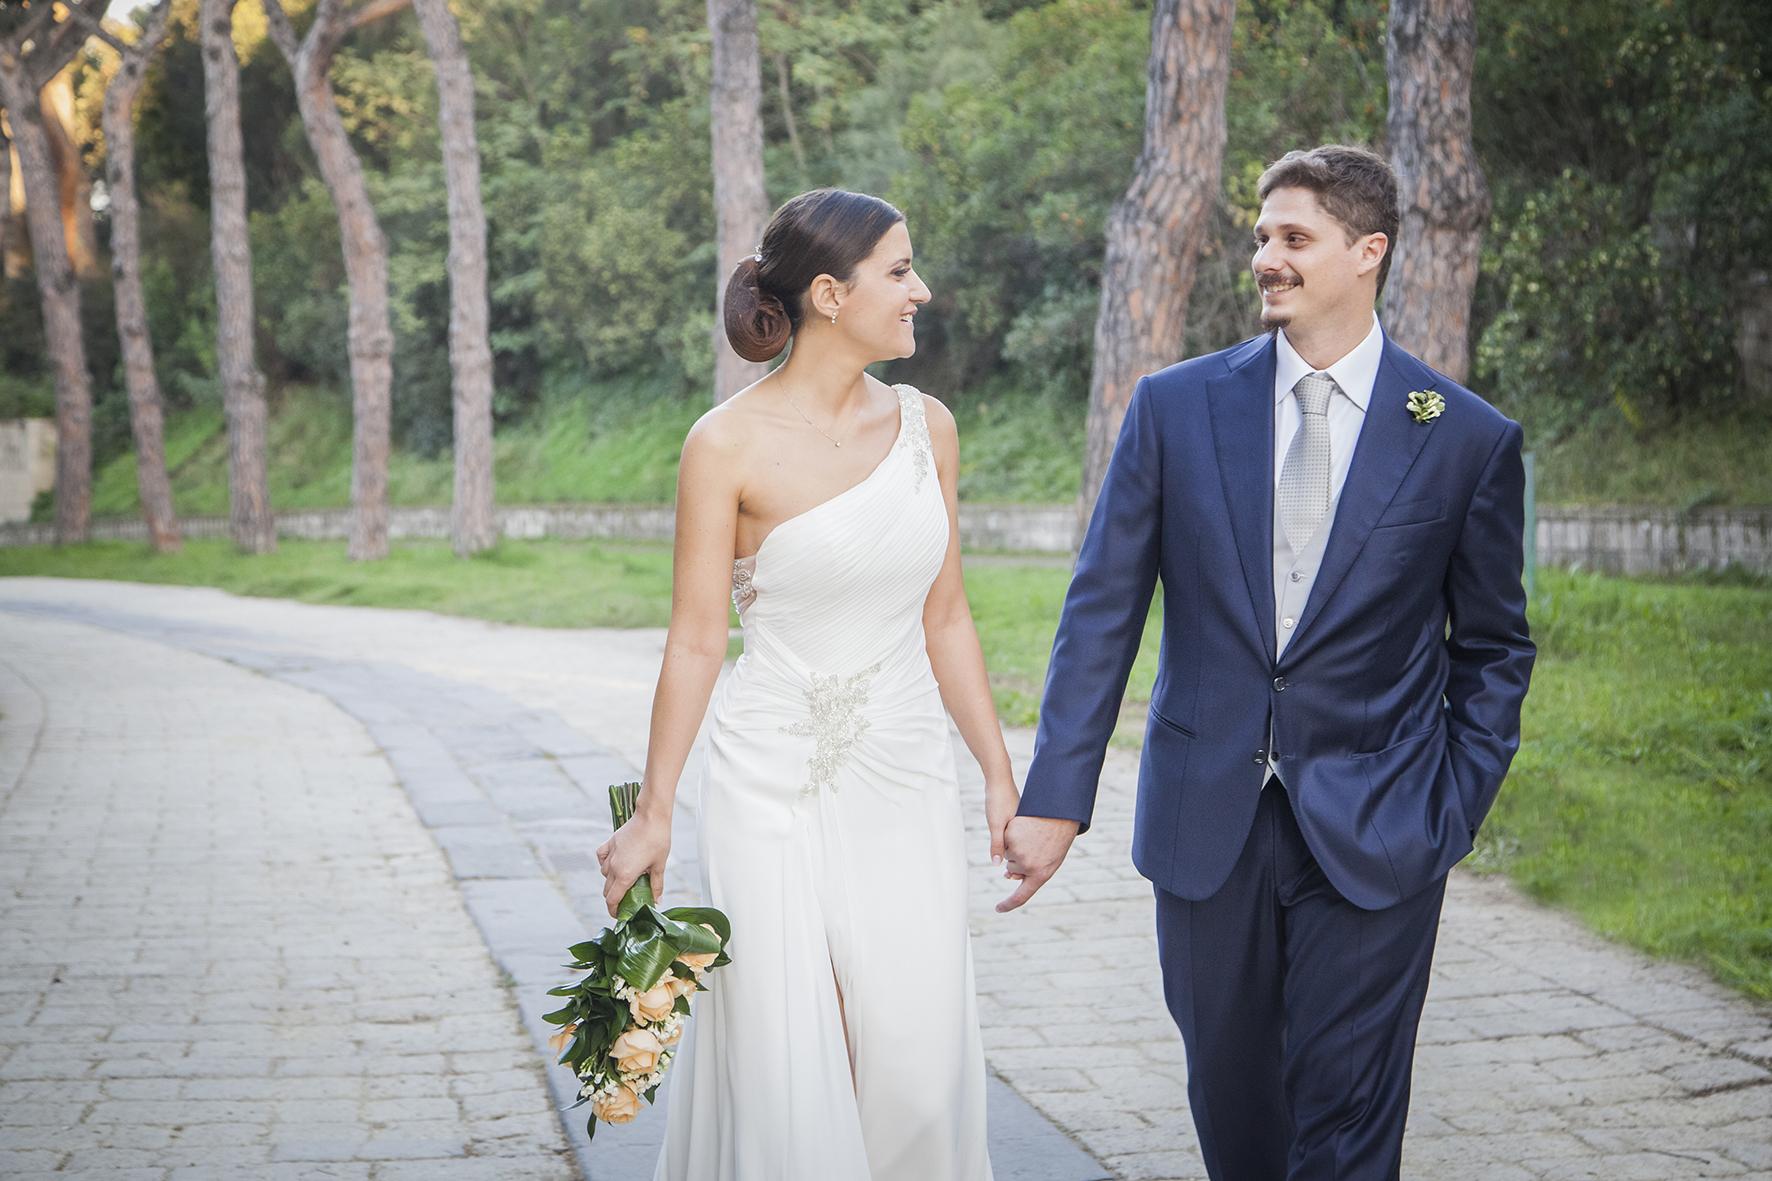 post produzione foto matrimonio ricostruzione elementi